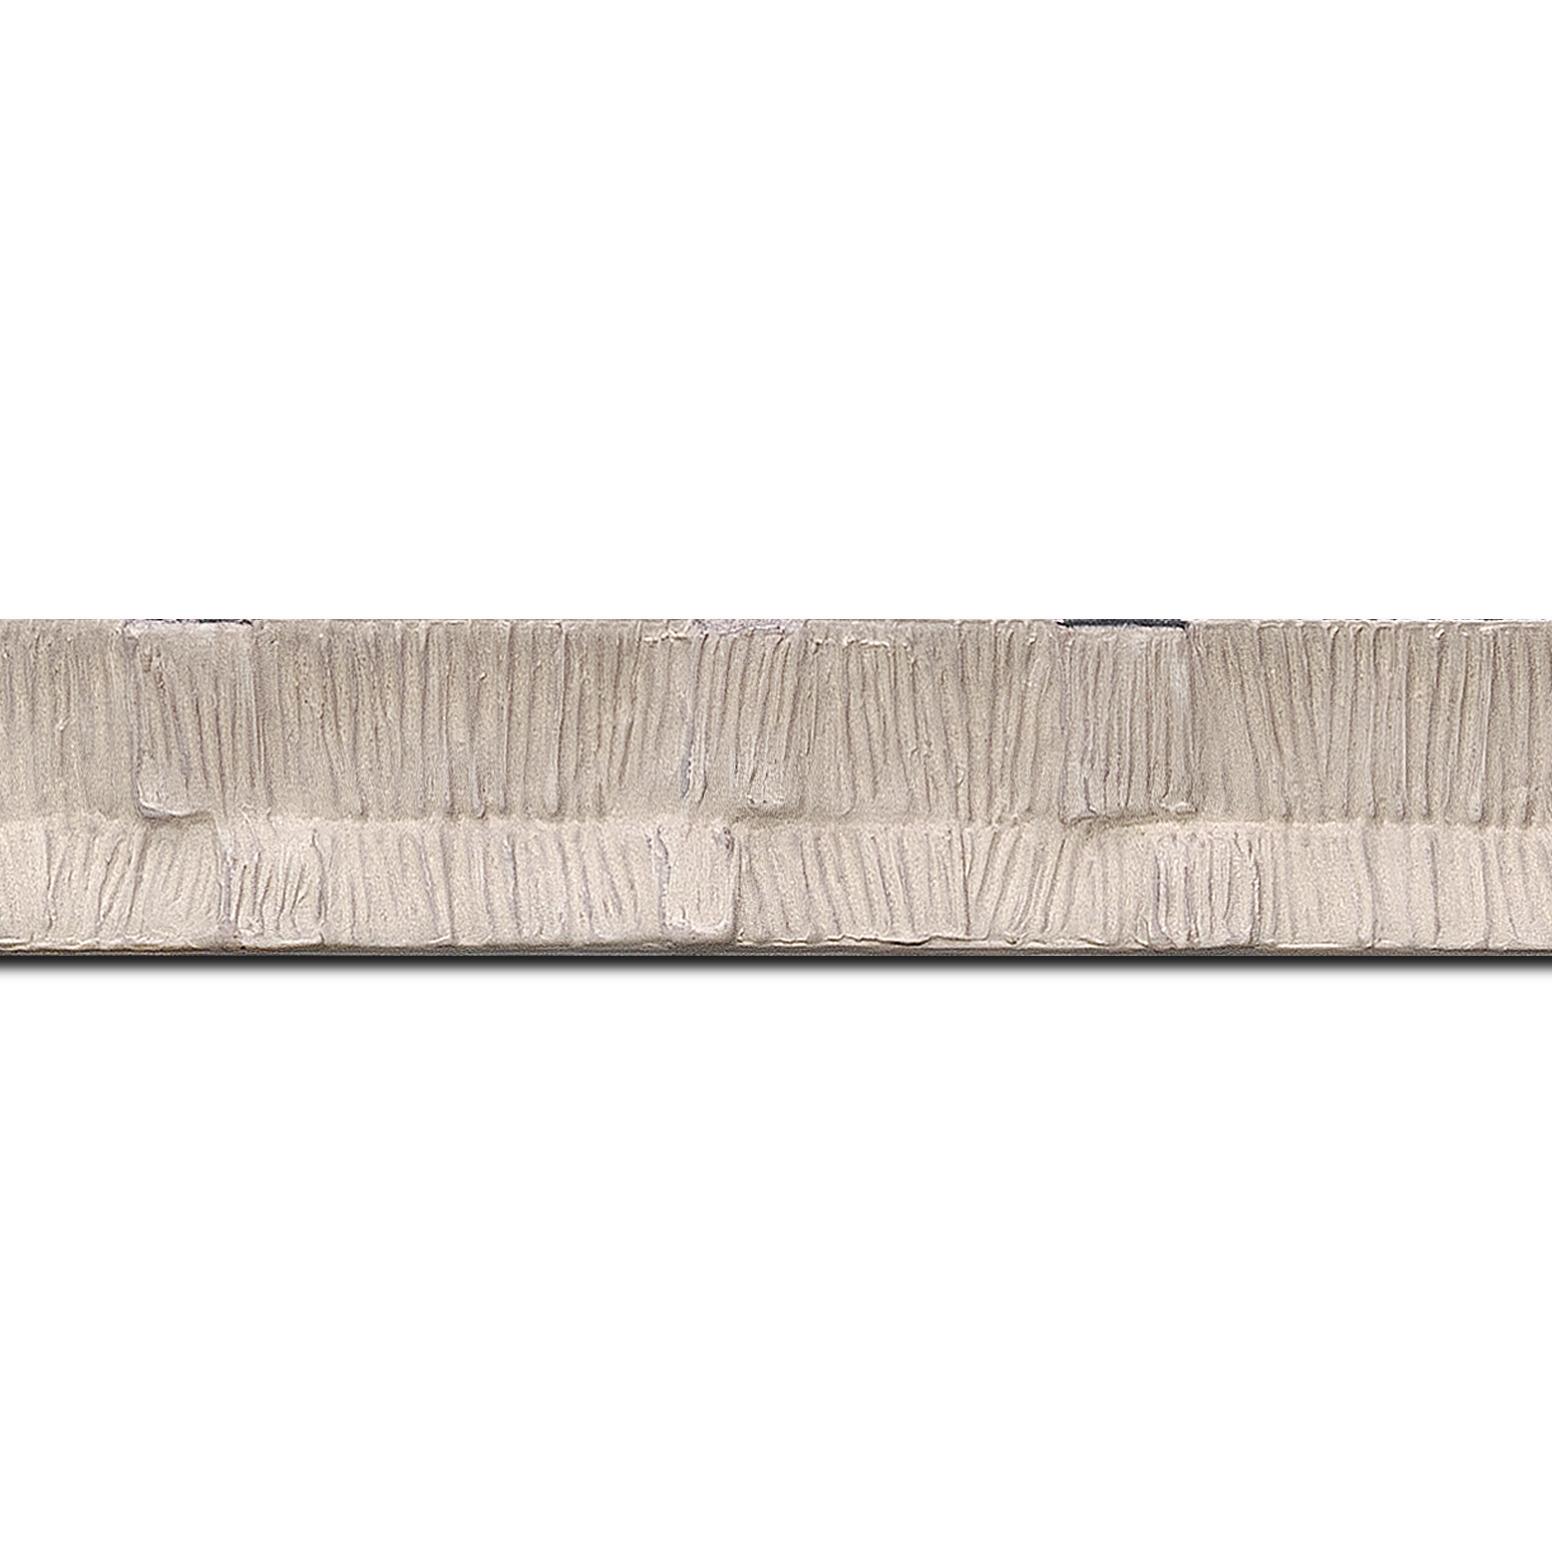 Pack par 12m, bois profil incurvé largeur 3cm  couleur blanc cassé finition ethnique (longueur baguette pouvant varier entre 2.40m et 3m selon arrivage des bois)